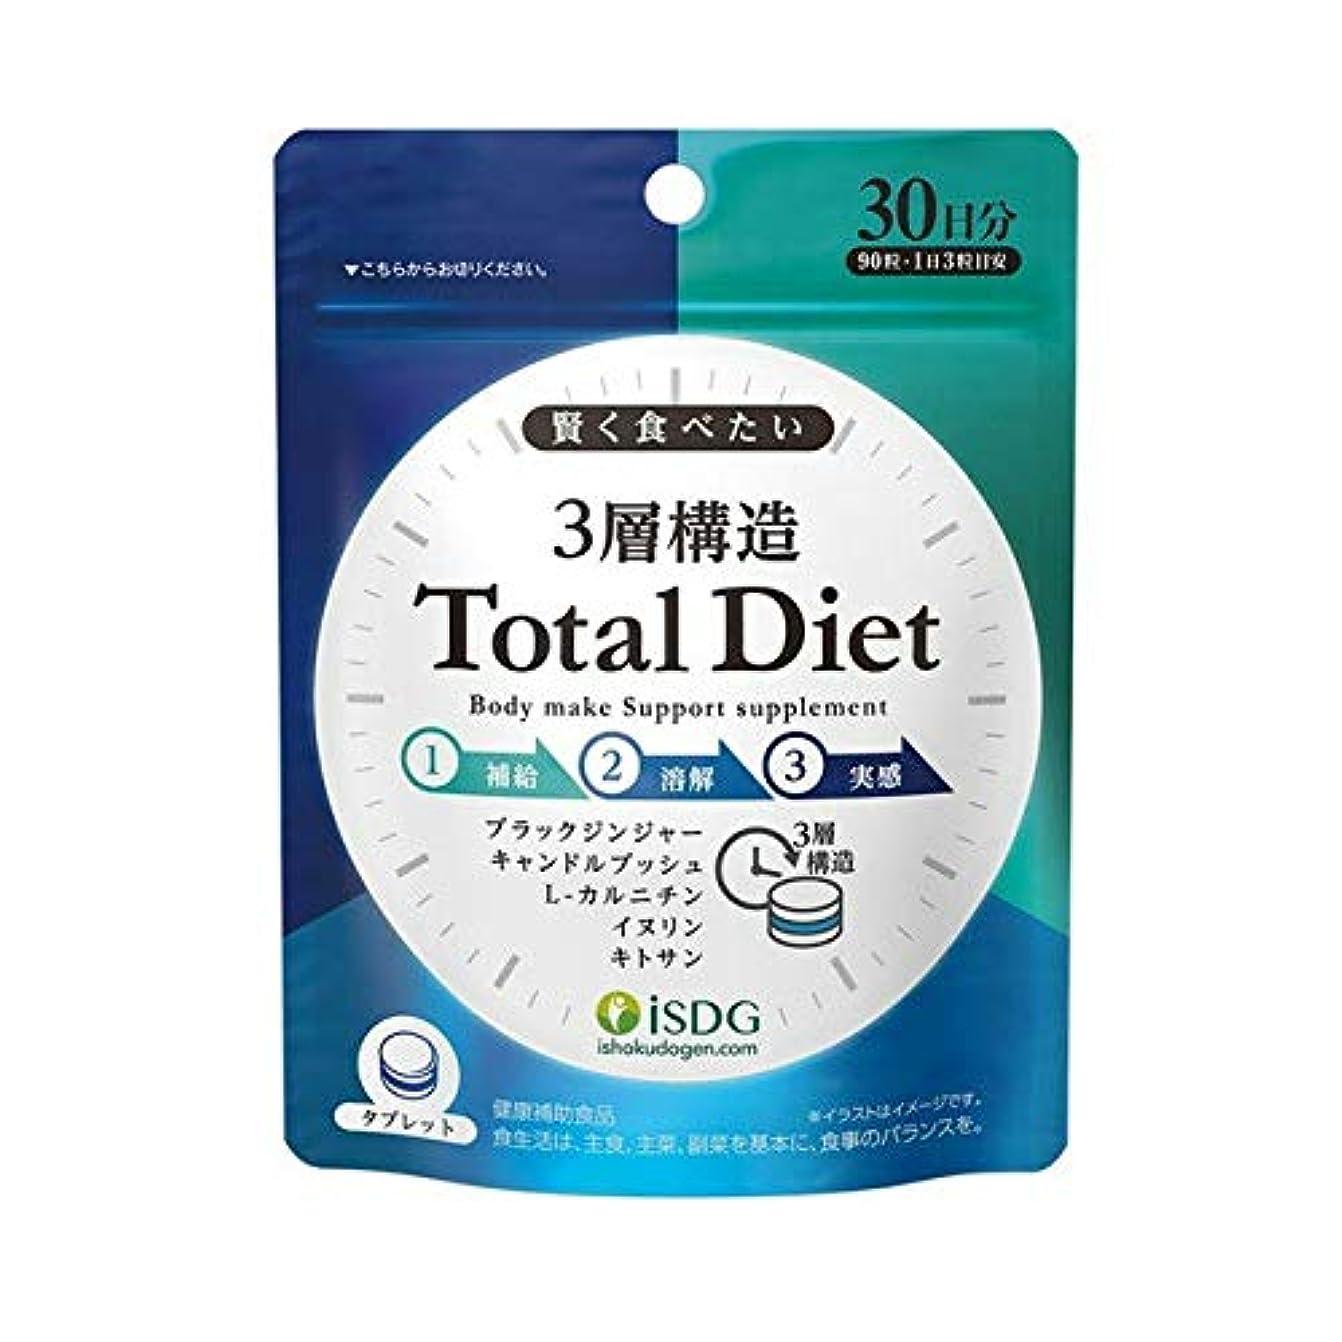 驚かすタイヤリングレット医食同源ドットコム ISDG 3層構造 Total Diet 90粒入 トータル ダイエット×5個セット